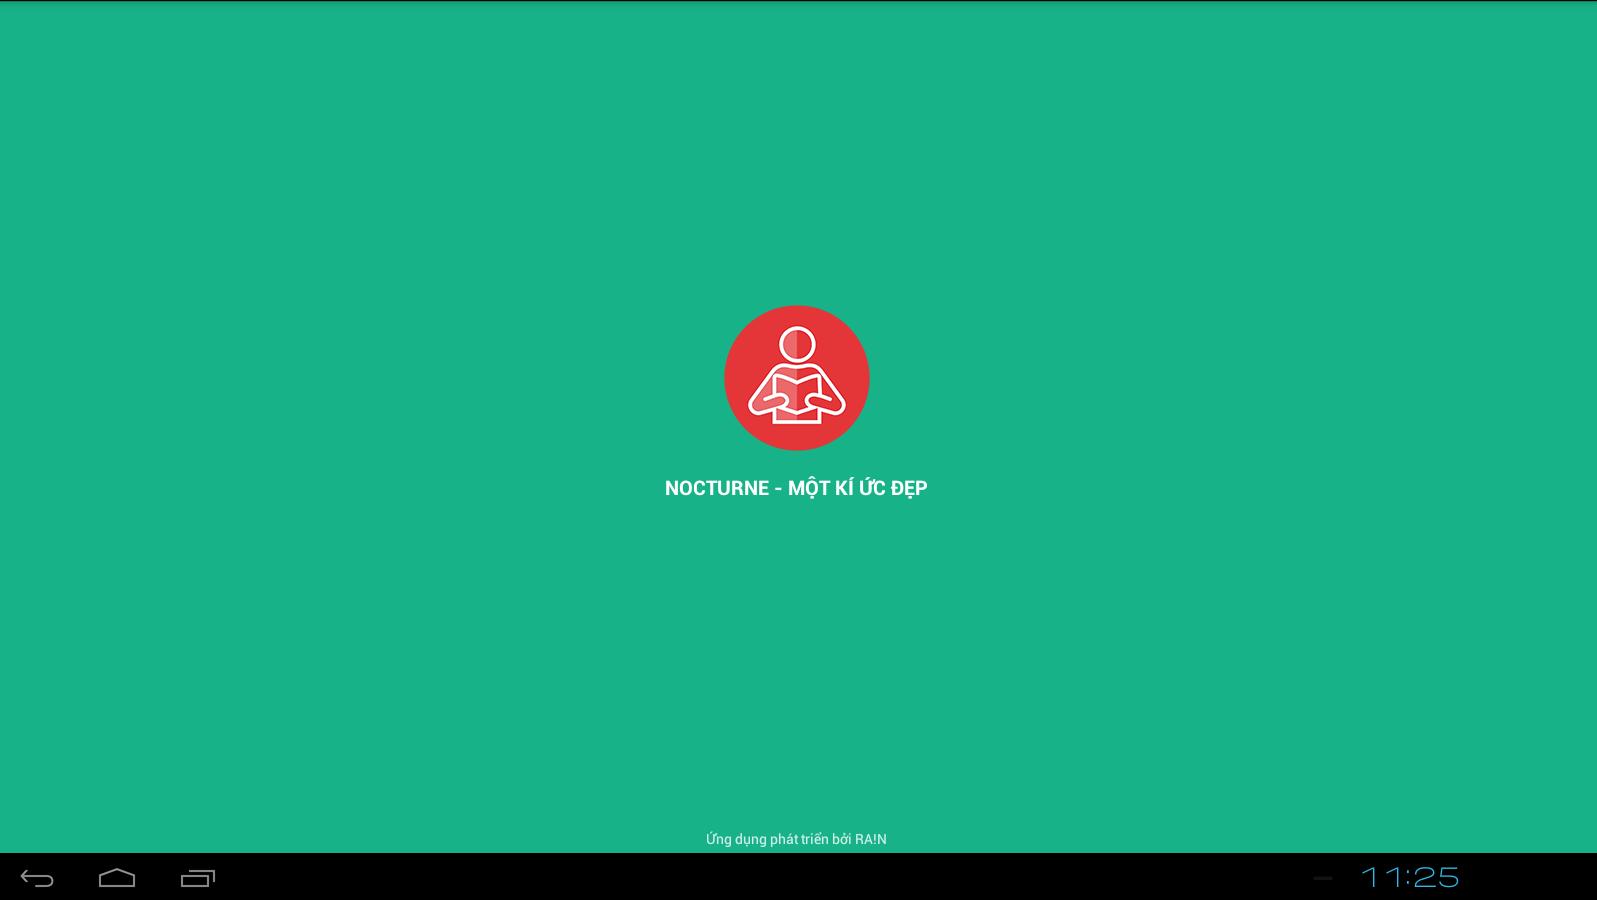 Nocturne - Một kí ức đẹp- screenshot